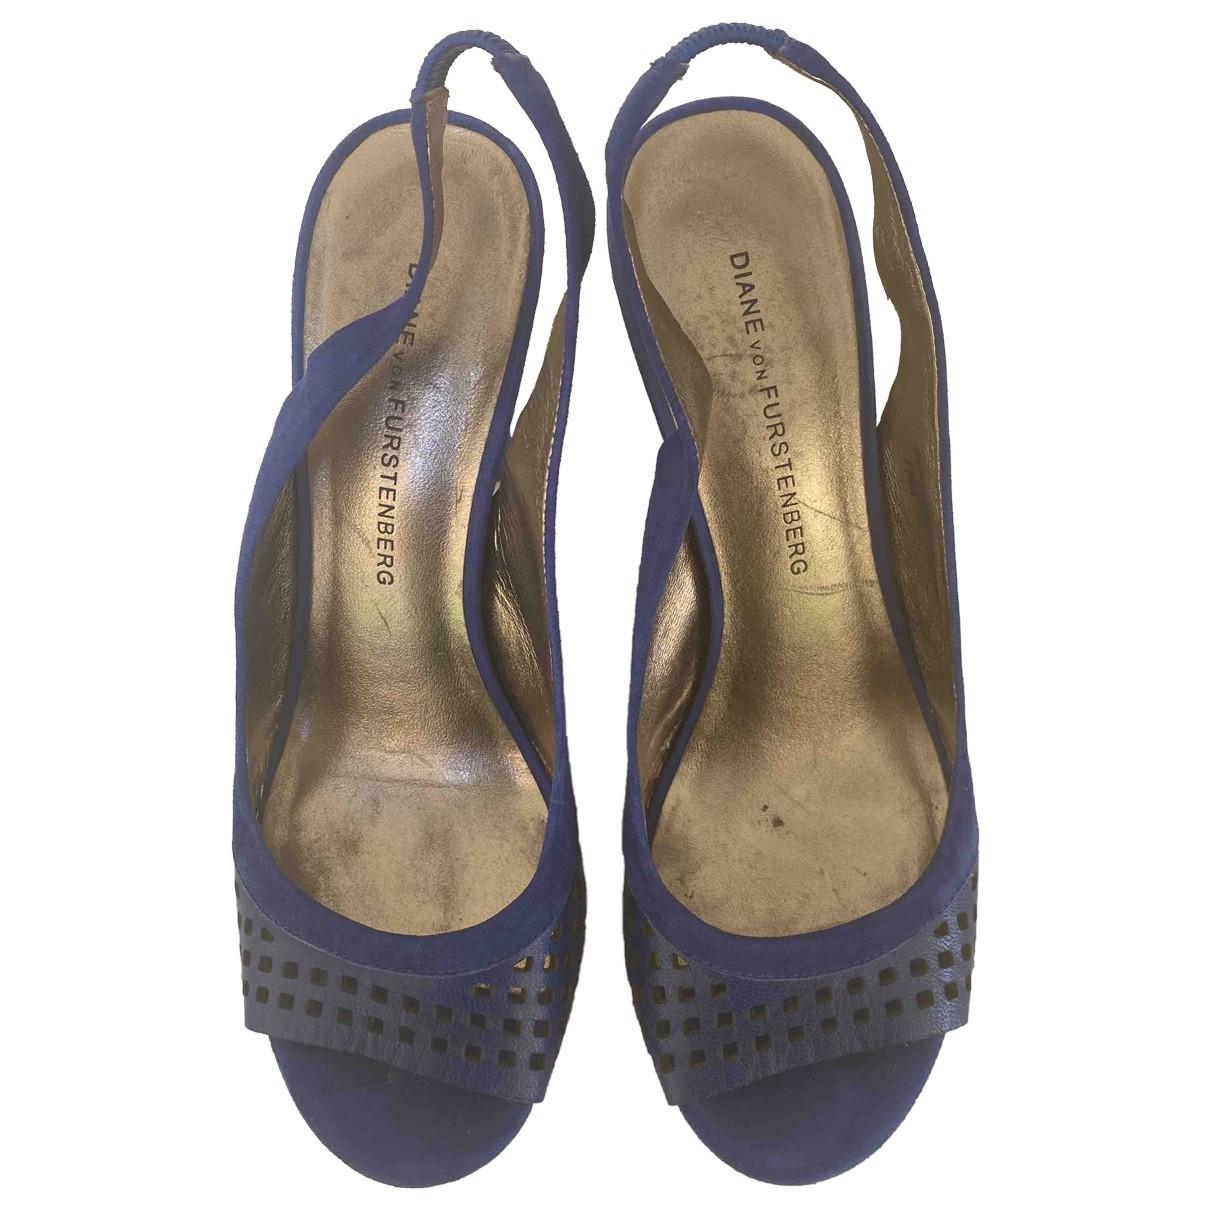 Sandalias romanas de Cuero Diane Von Furstenberg